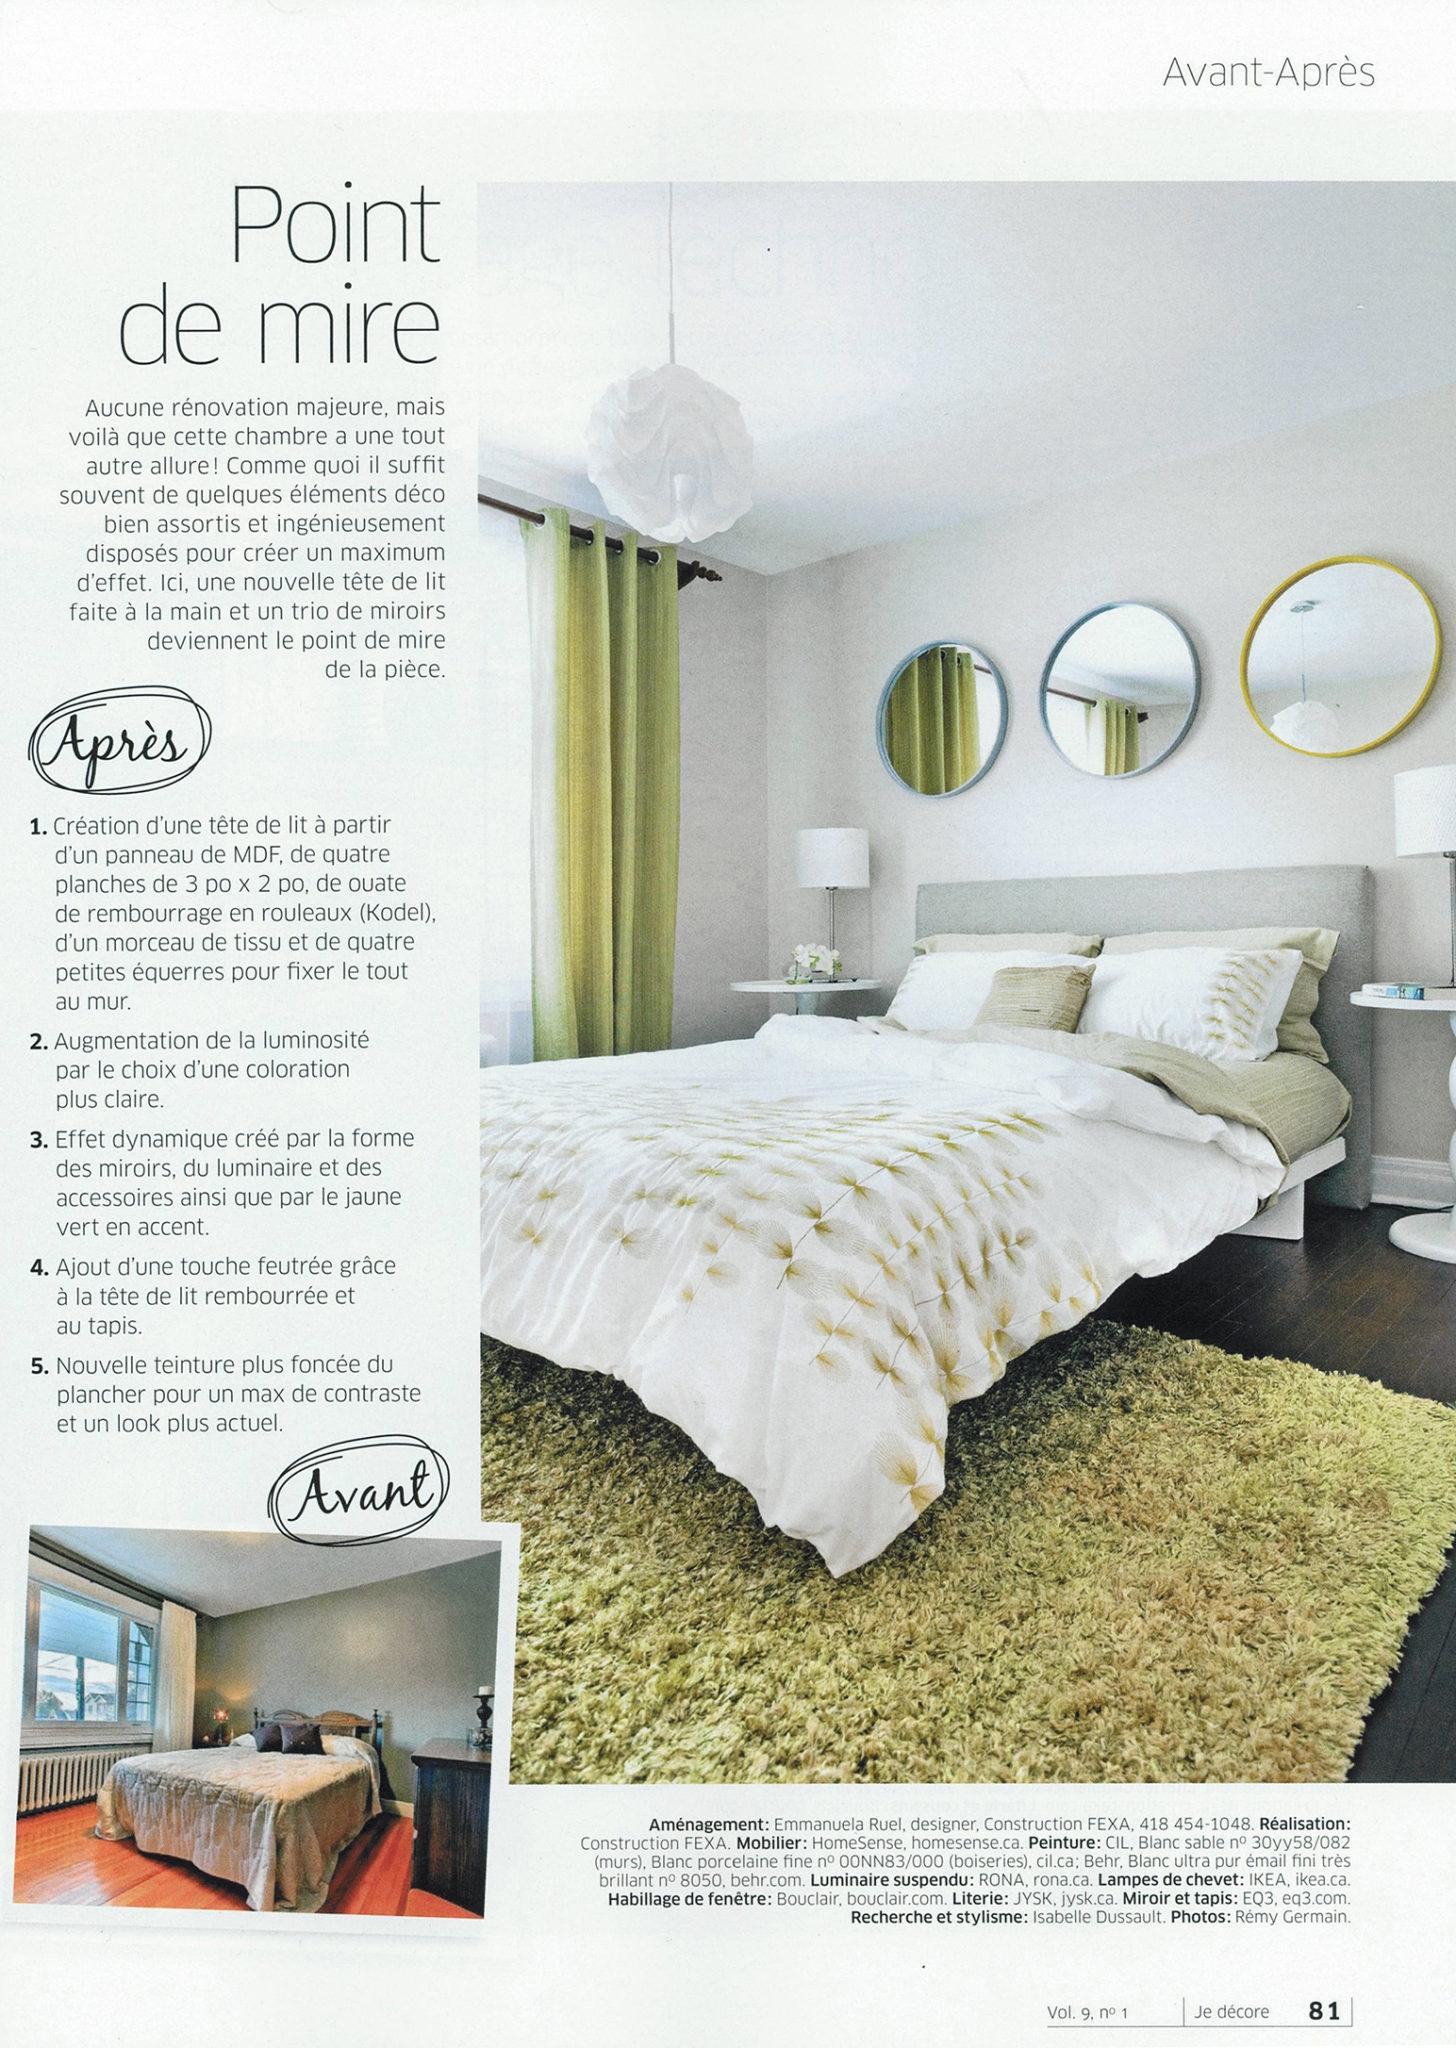 Parutions FEXA, Je décore chambre Vol. 9 no1, rénovation, décoration chambre